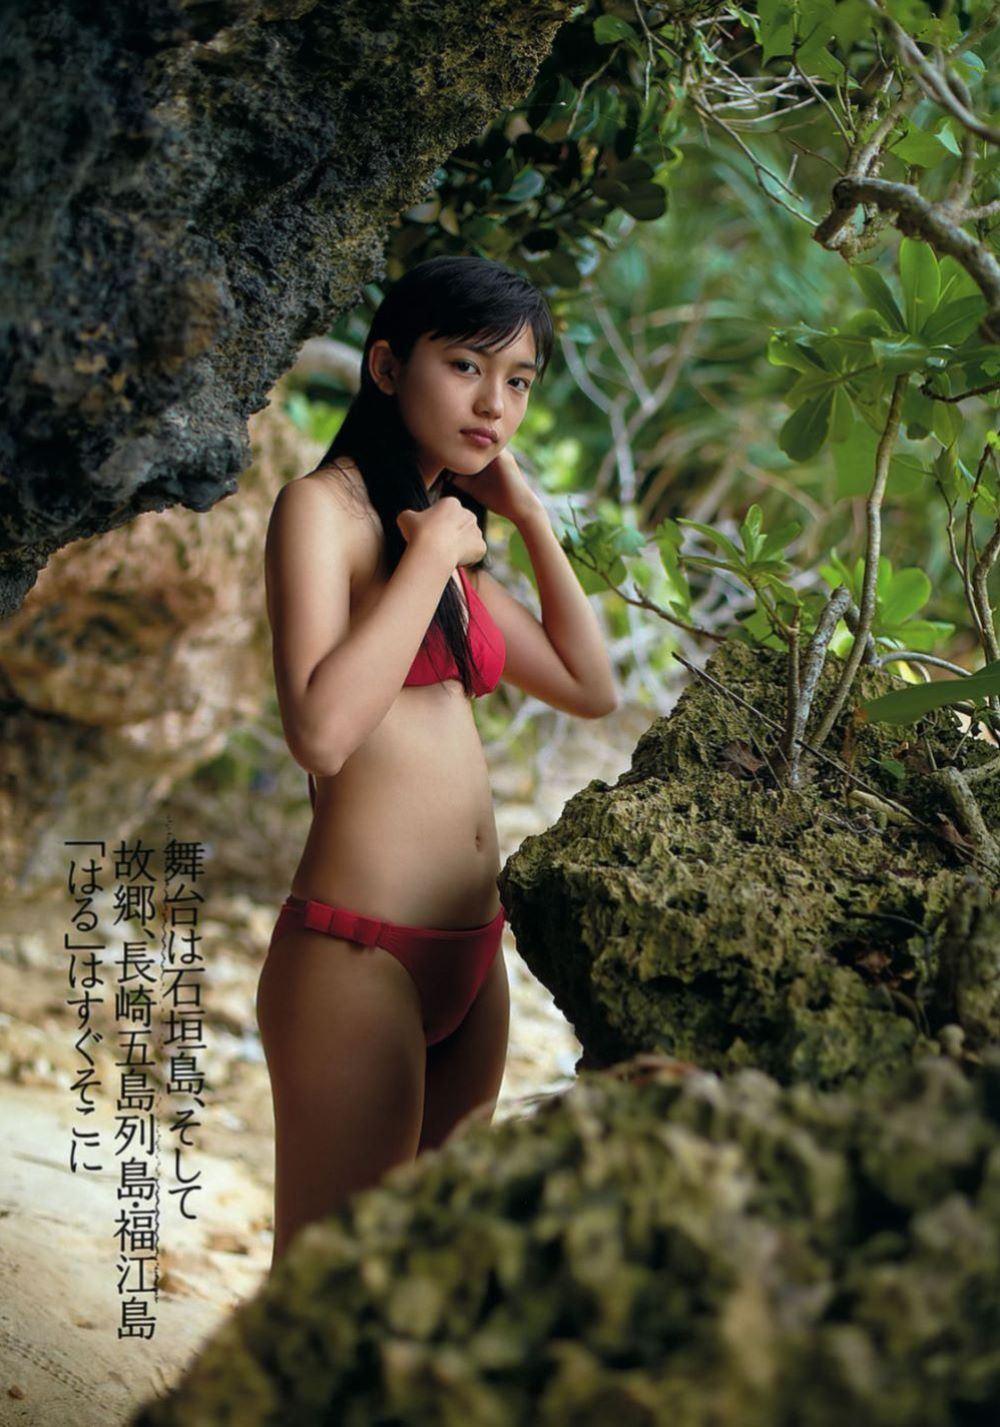 川口春奈の最新ビキニでシコれる水着グラビア画像 44